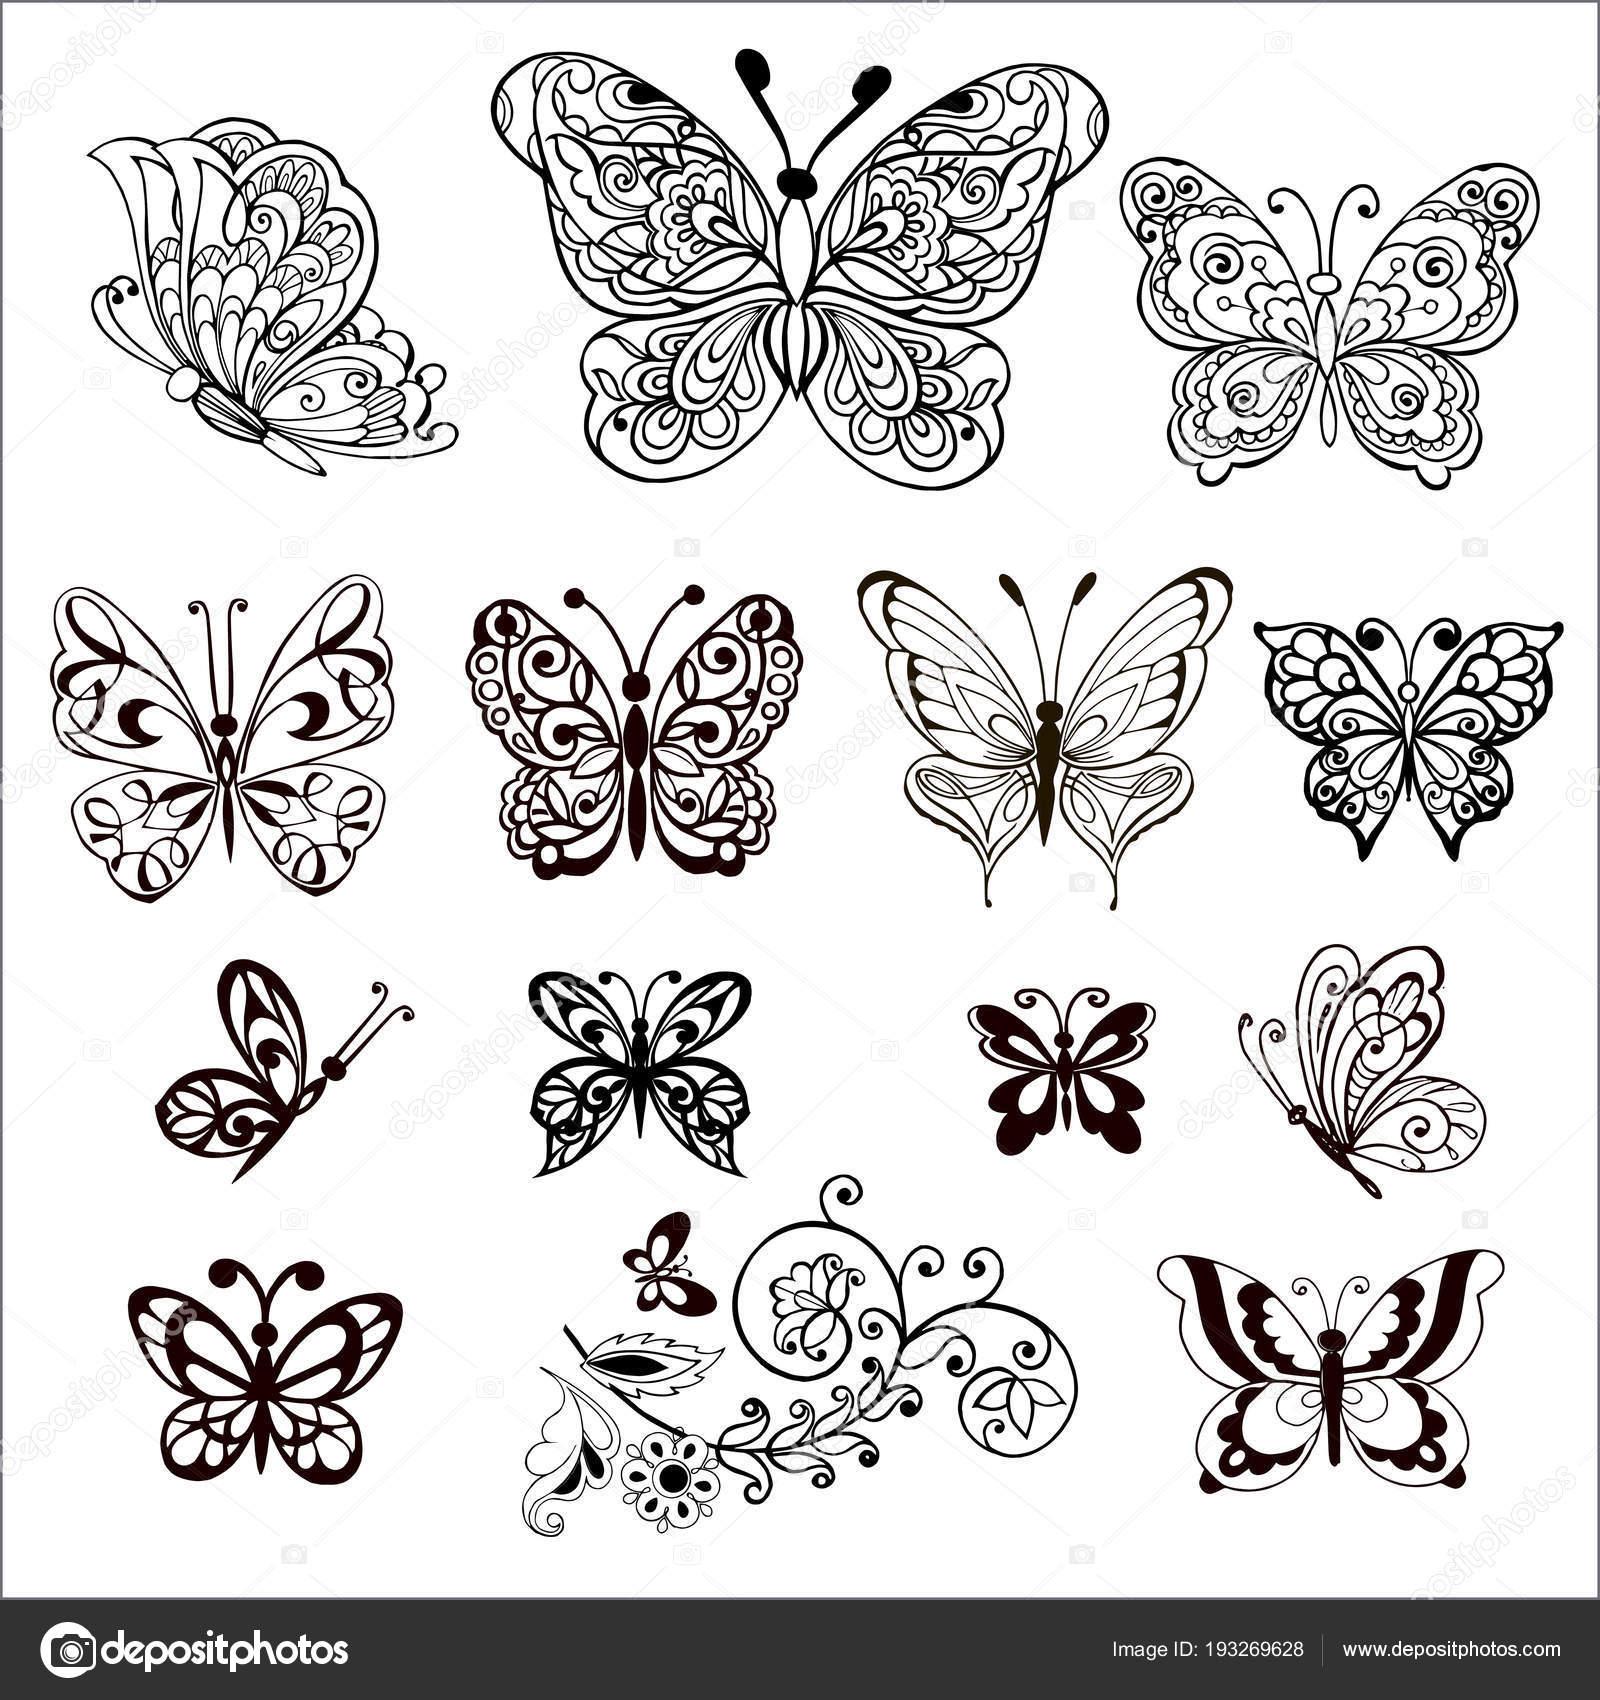 Grote Kleurplaten Vlinders.Hand Getekend Bloemen En Vlinders Voor De Anti Stress Kleurplaten